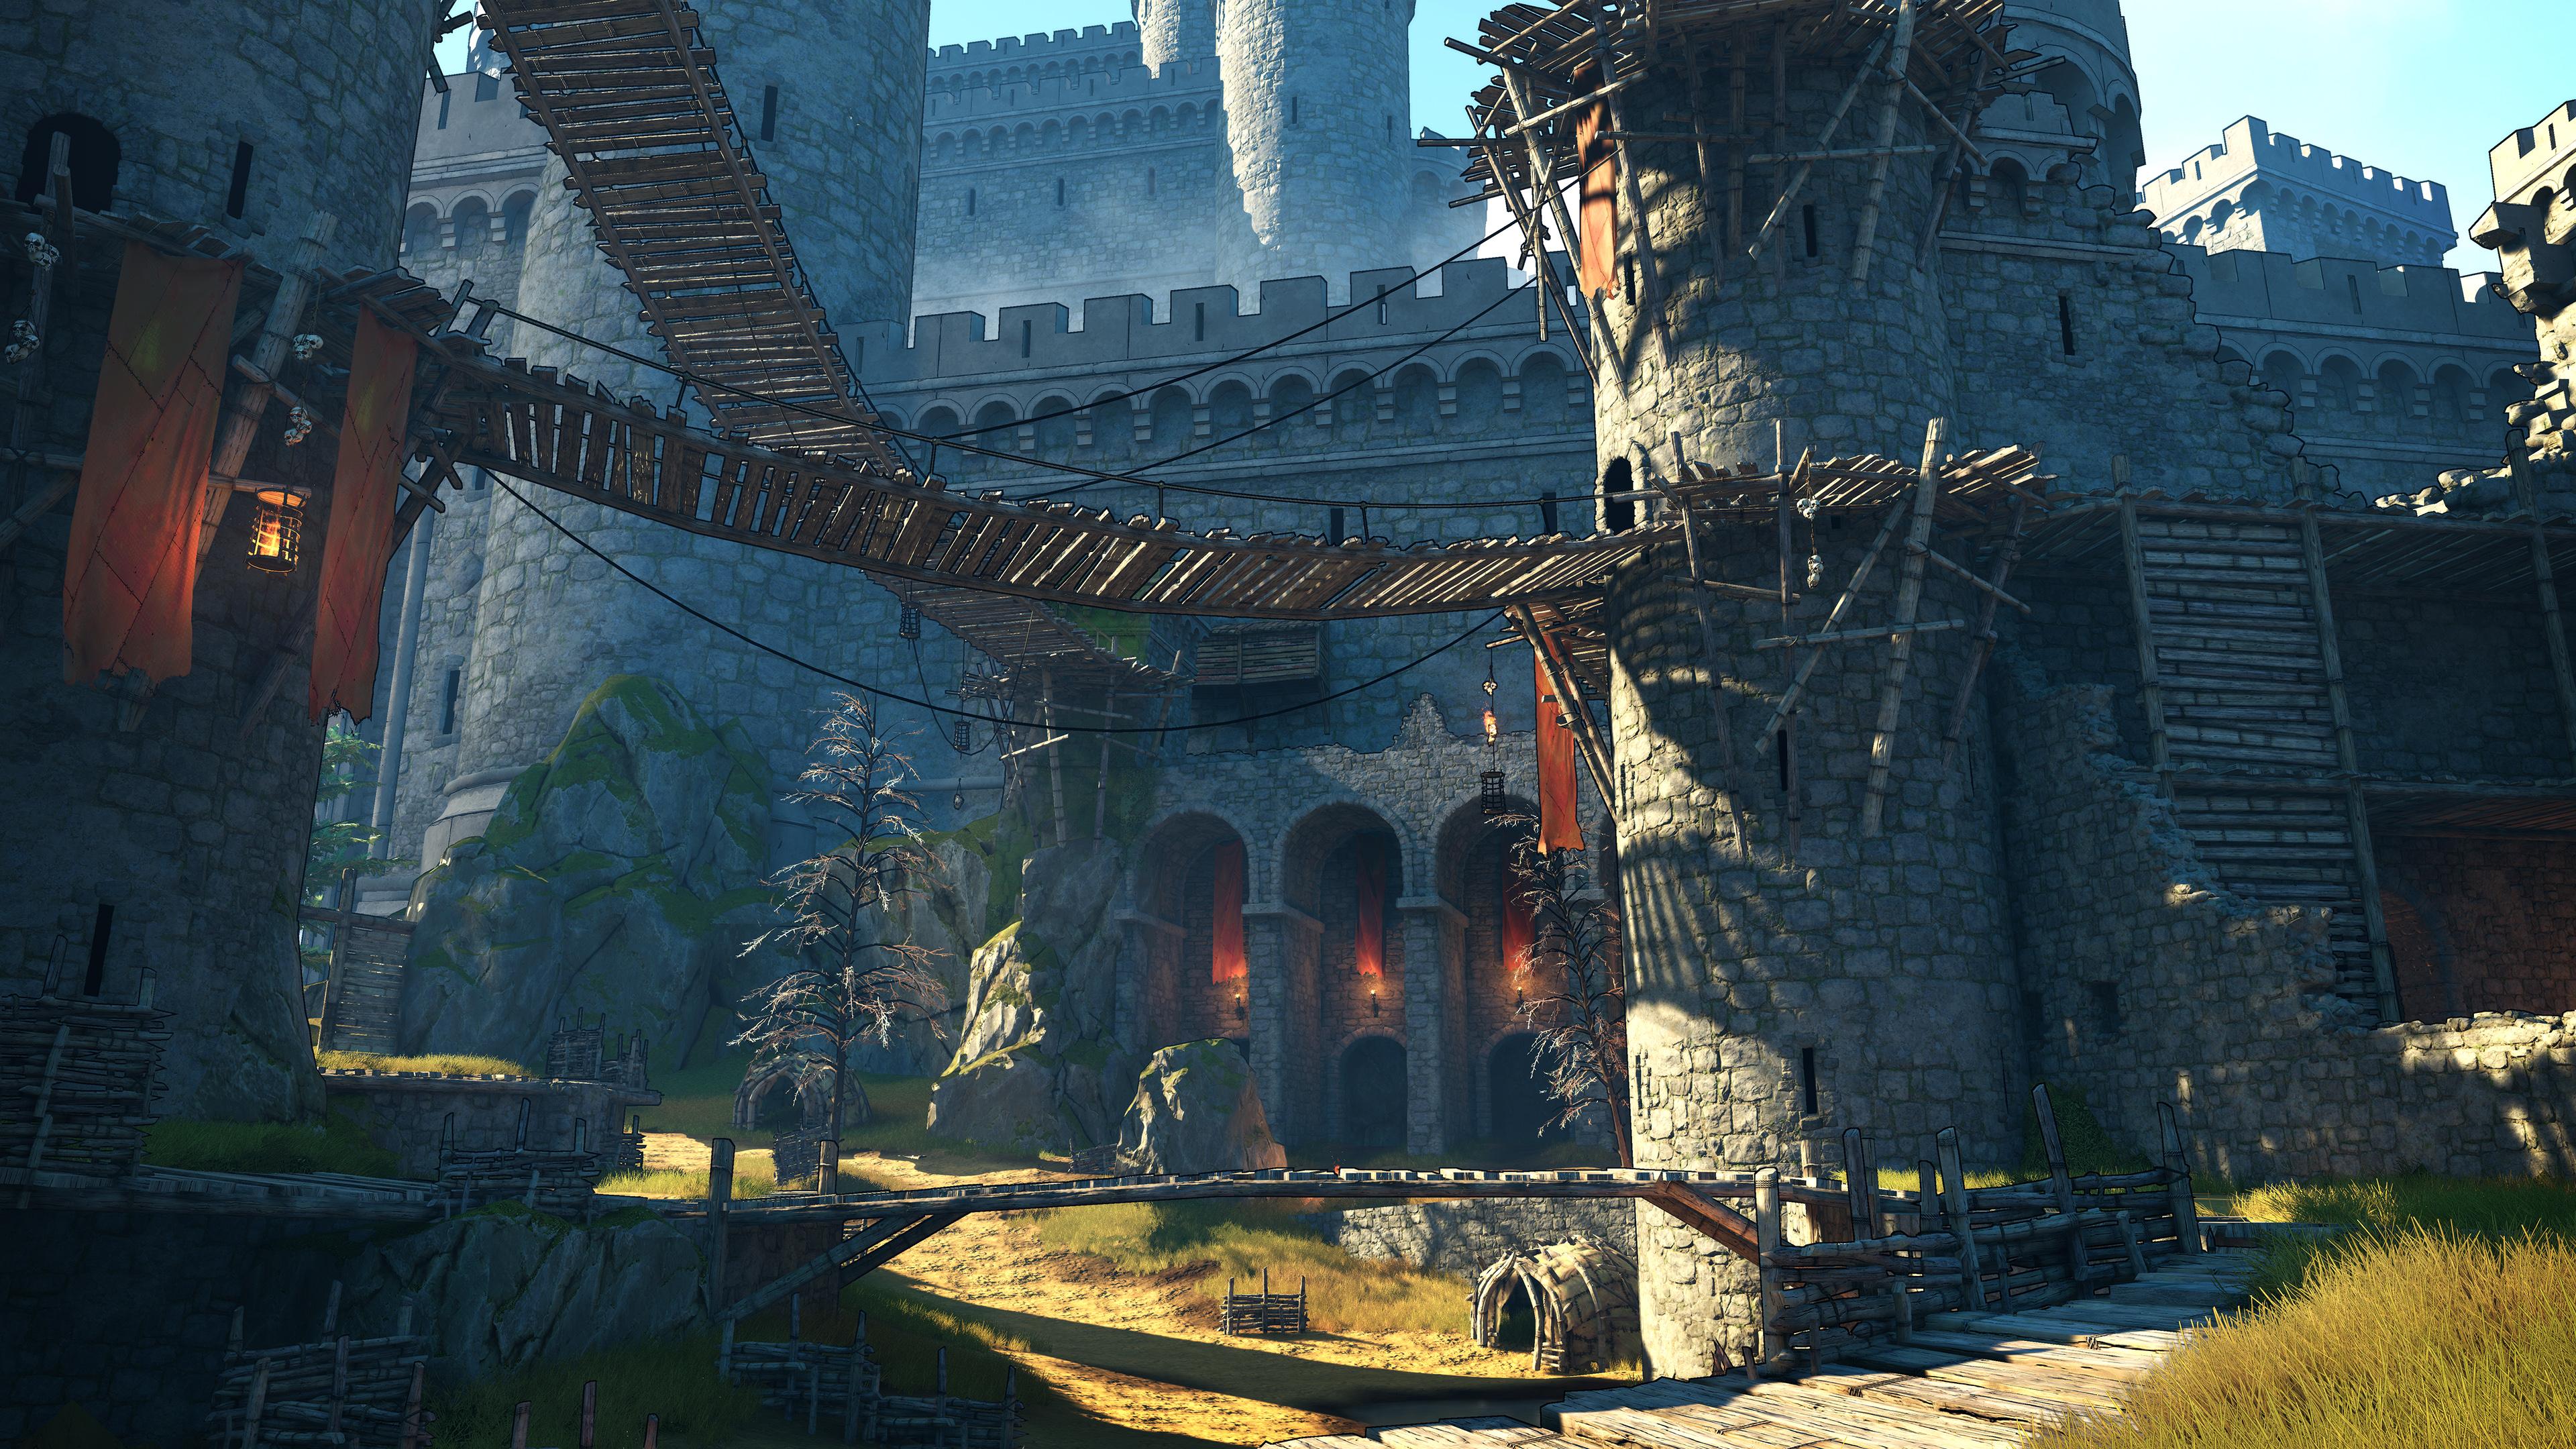 Скриншот №1 к Набор предзаказа «Tiny Tinas Wonderlands Хаотически крутое издание» для PS4 and PS5